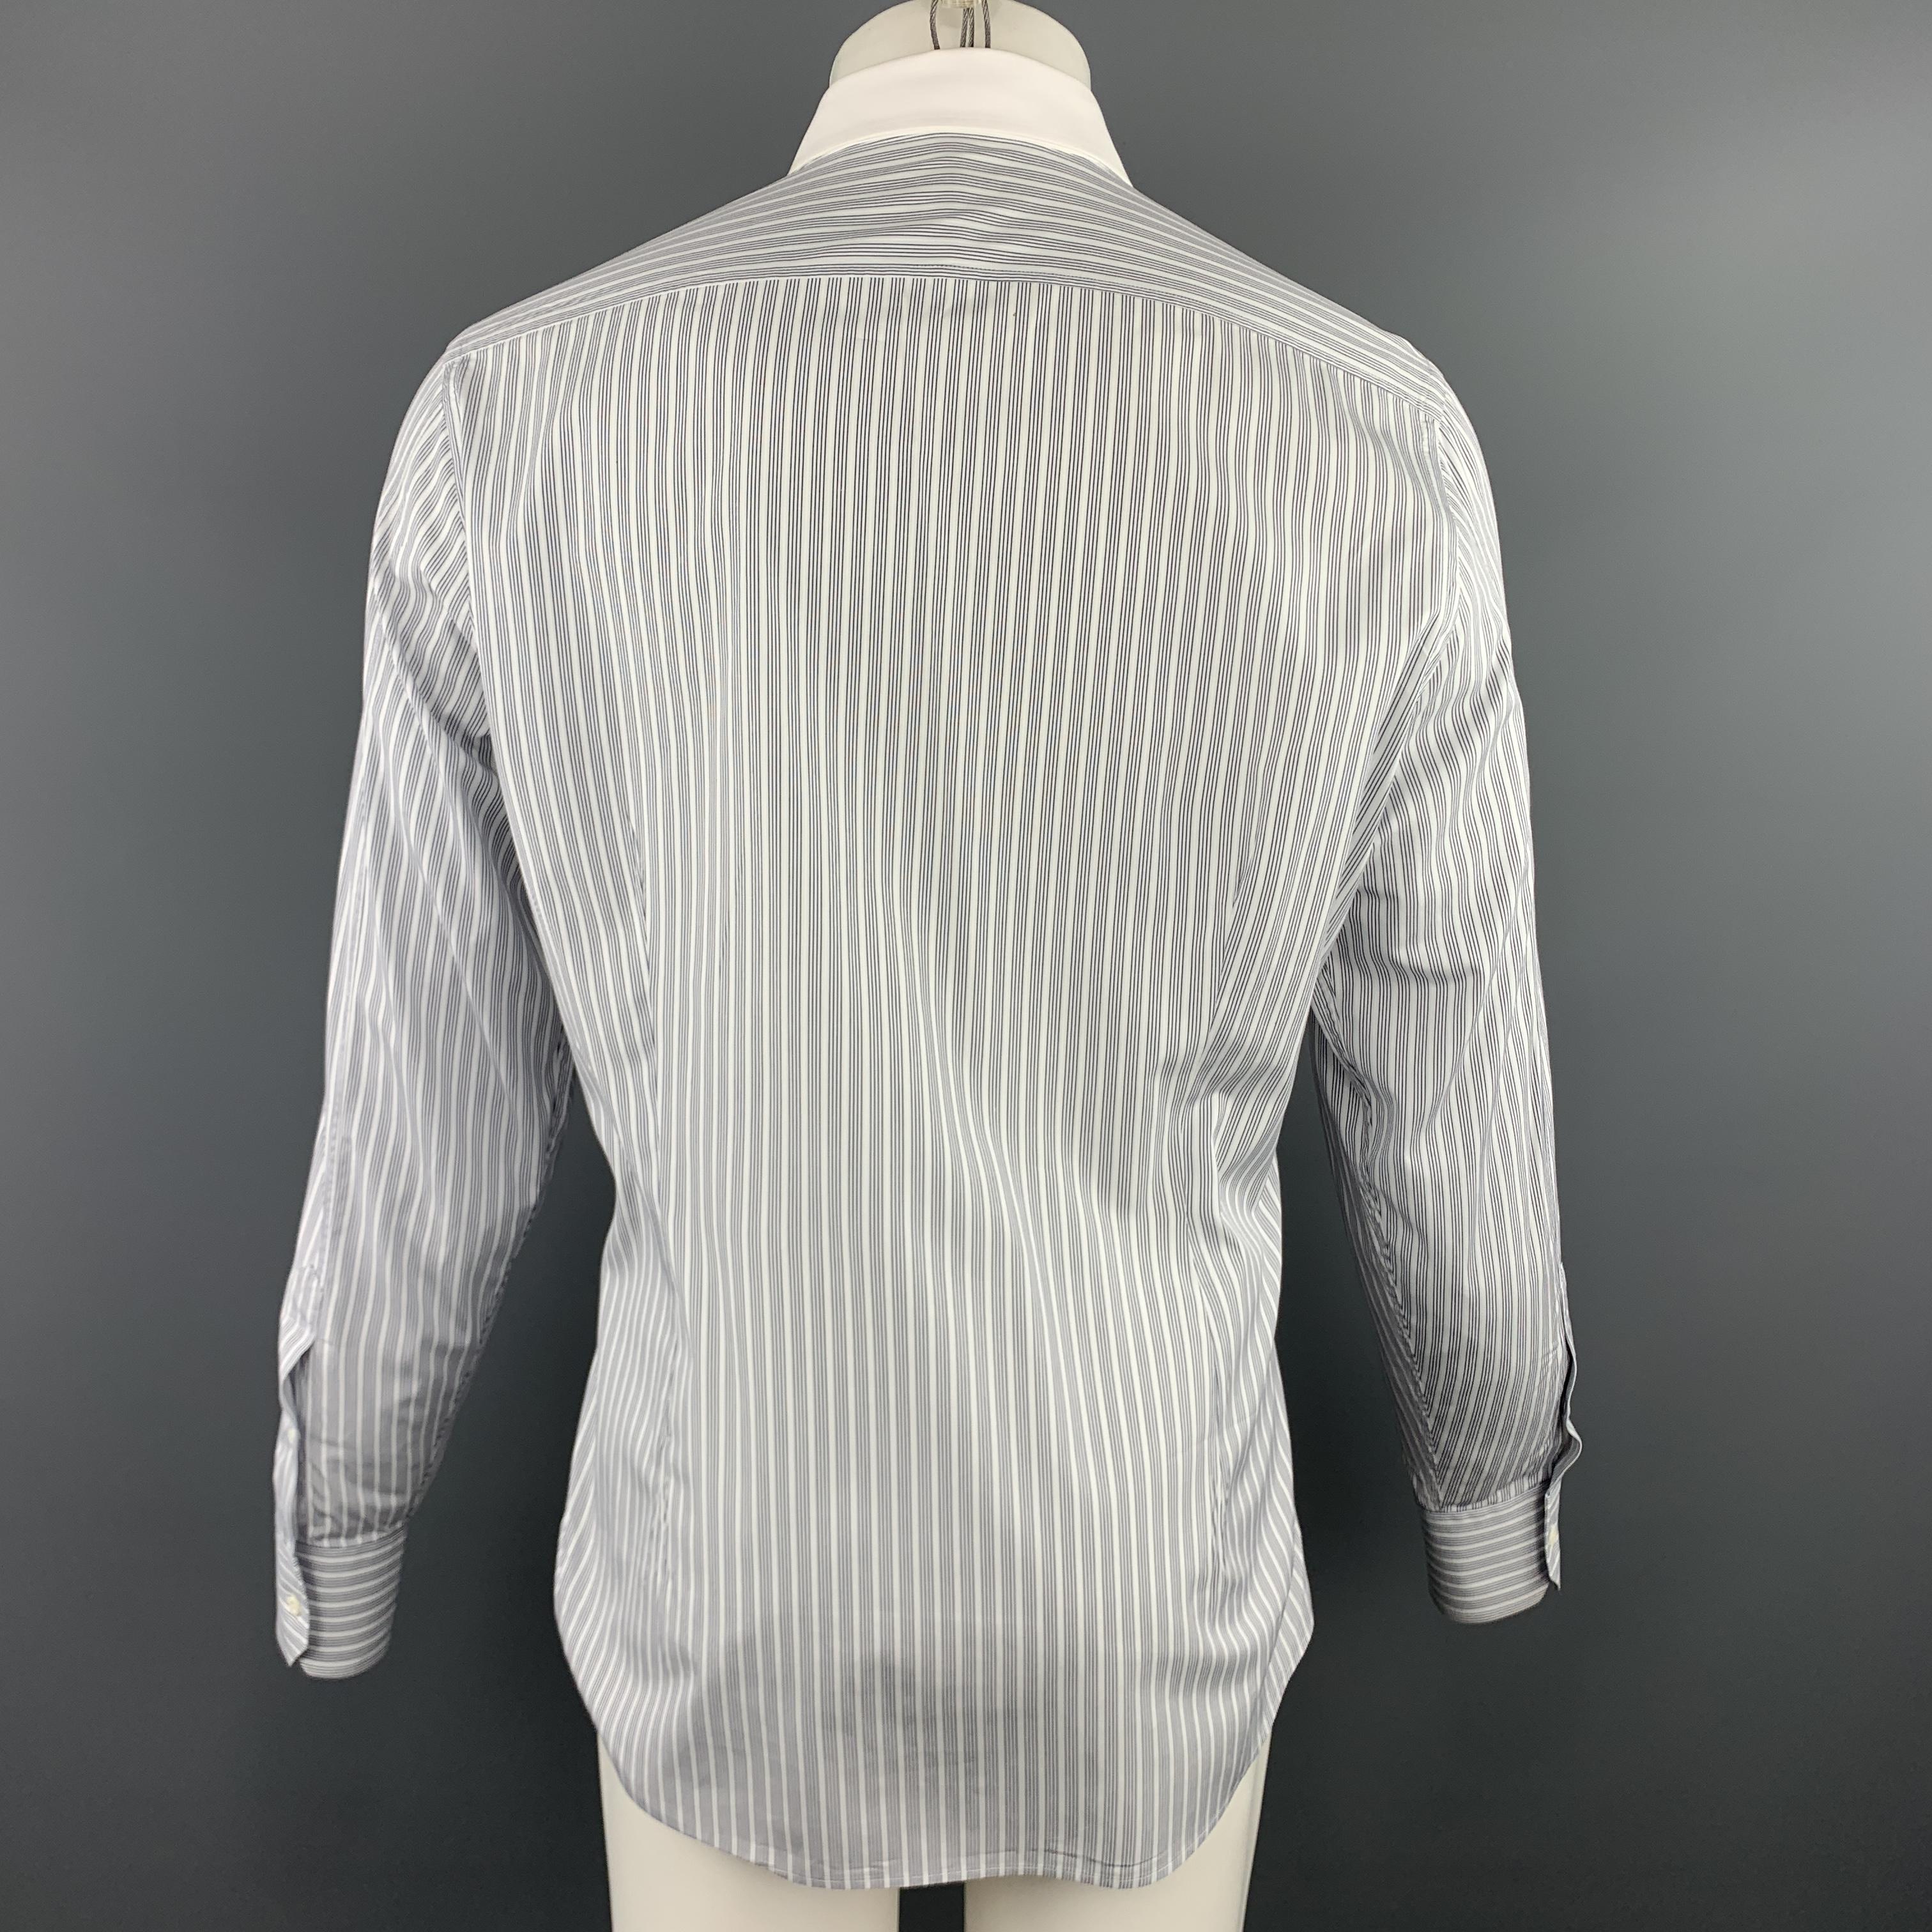 4044194e3 GUCCI Size XL White & Black Stripe Cotton Button Up Long Sleeve Shirt